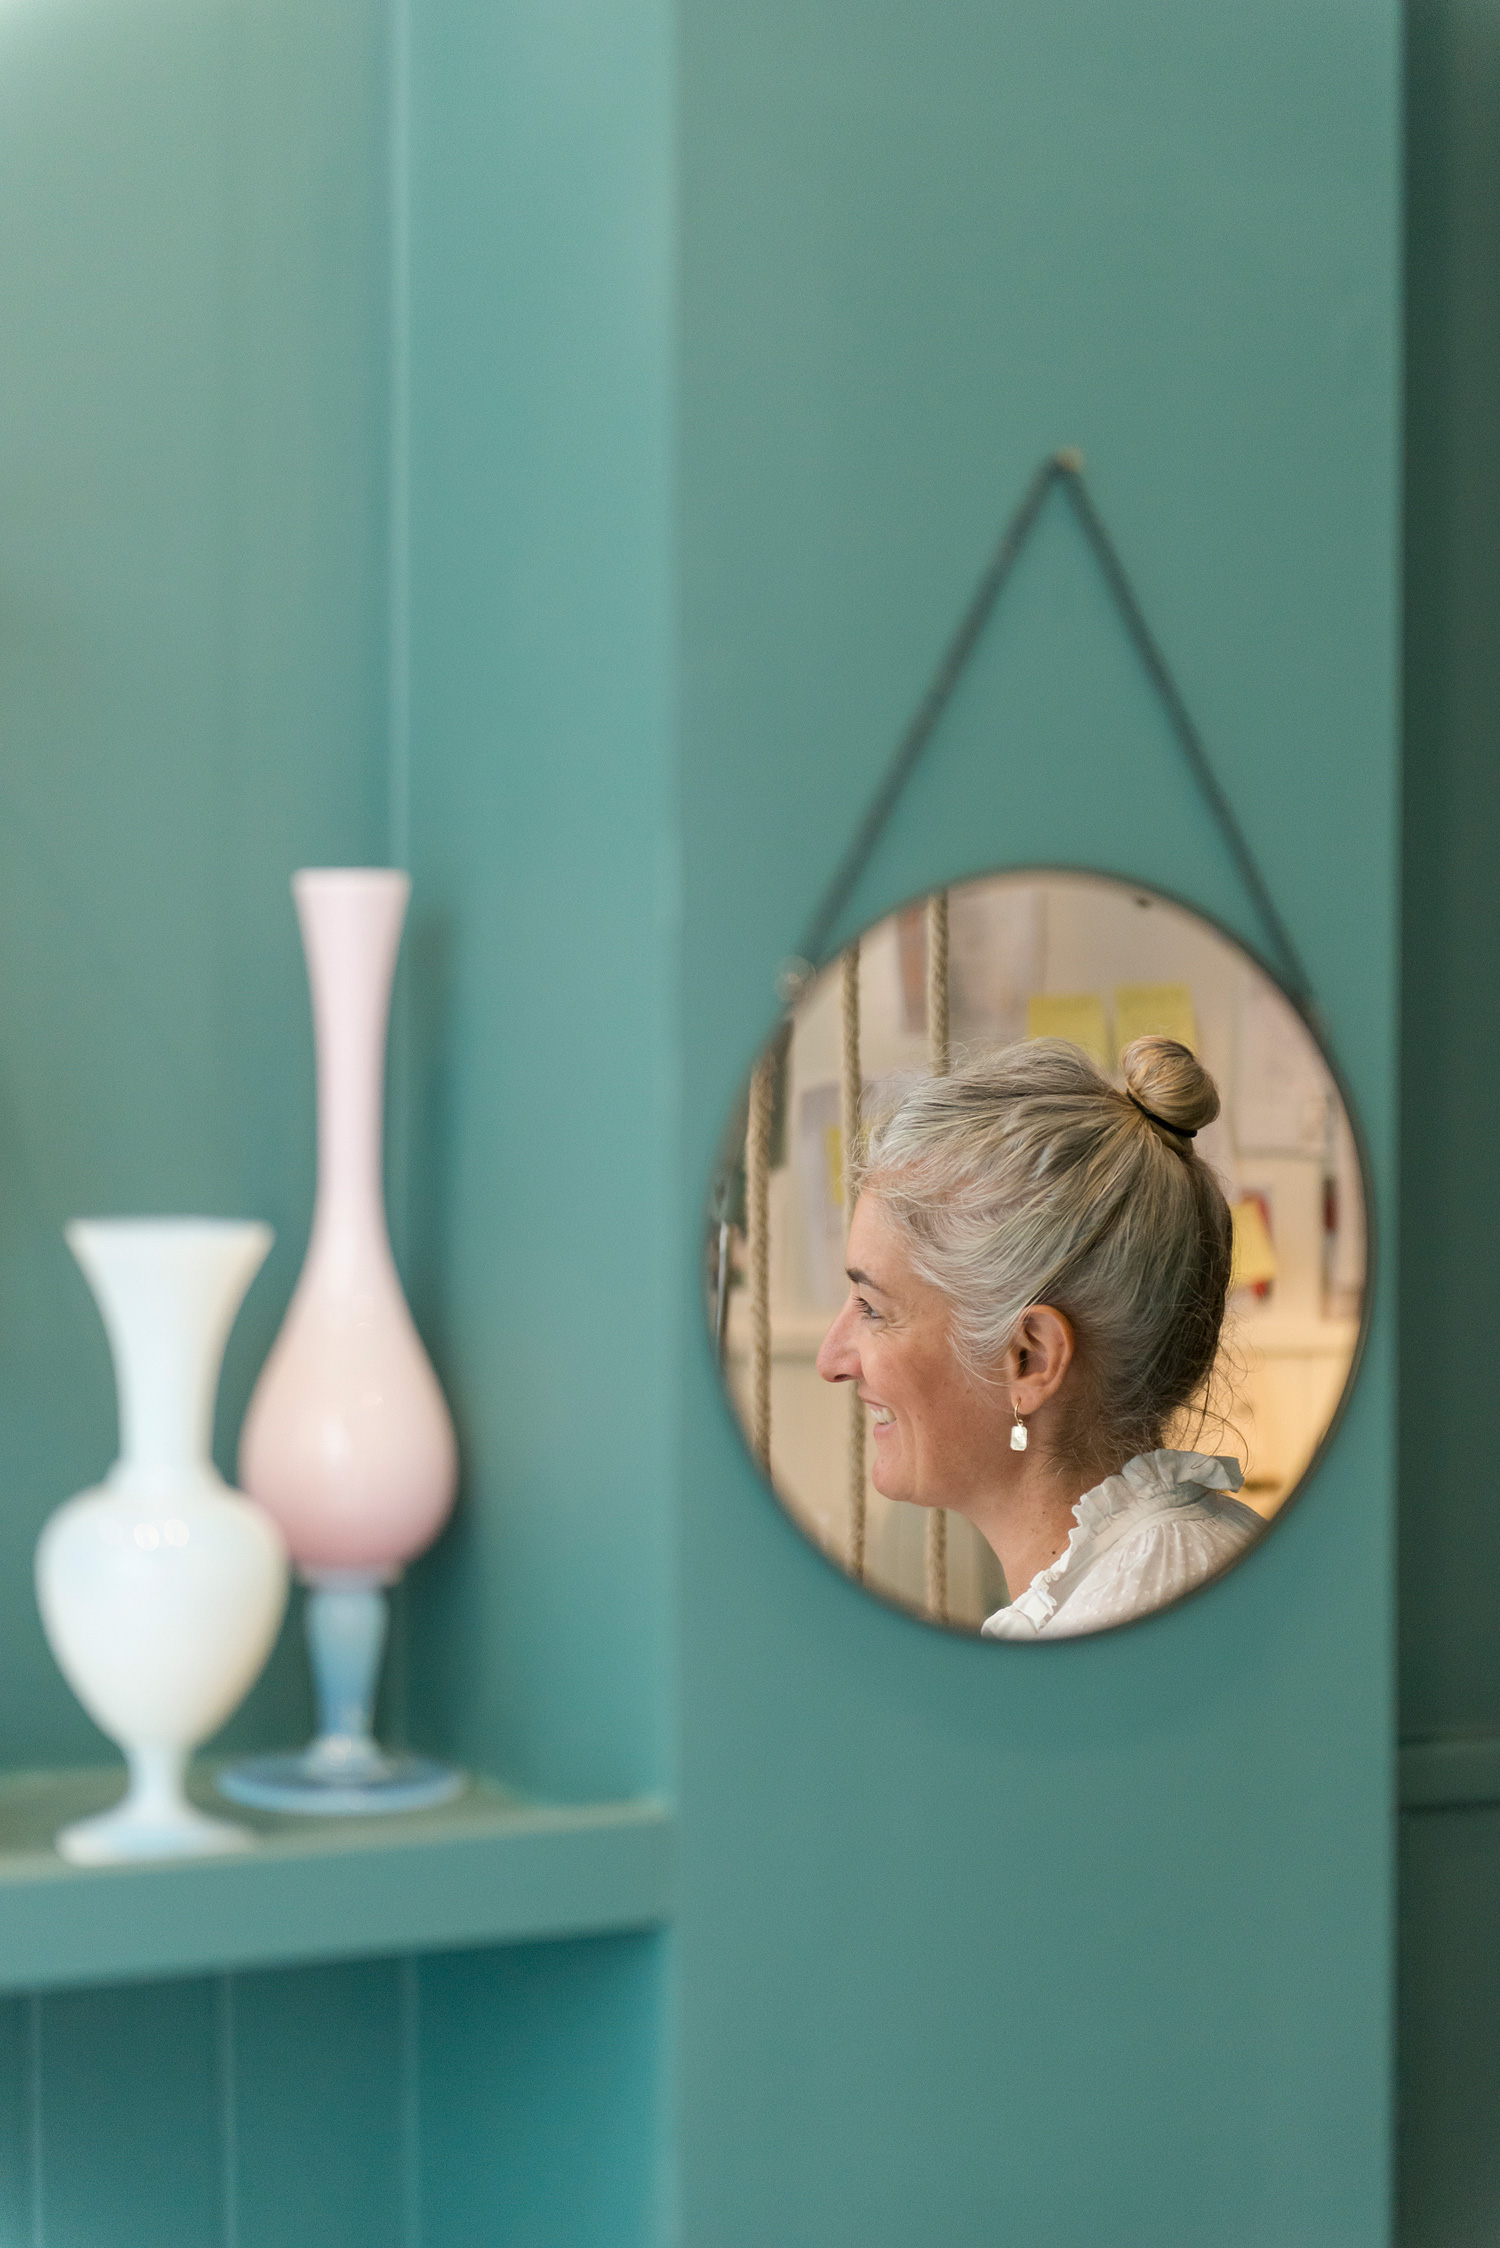 Hélène-turbé-joailliere-joaillerie-création-créatrice-étonnantes-nantes-solenn-cosotti-remy-lidereau